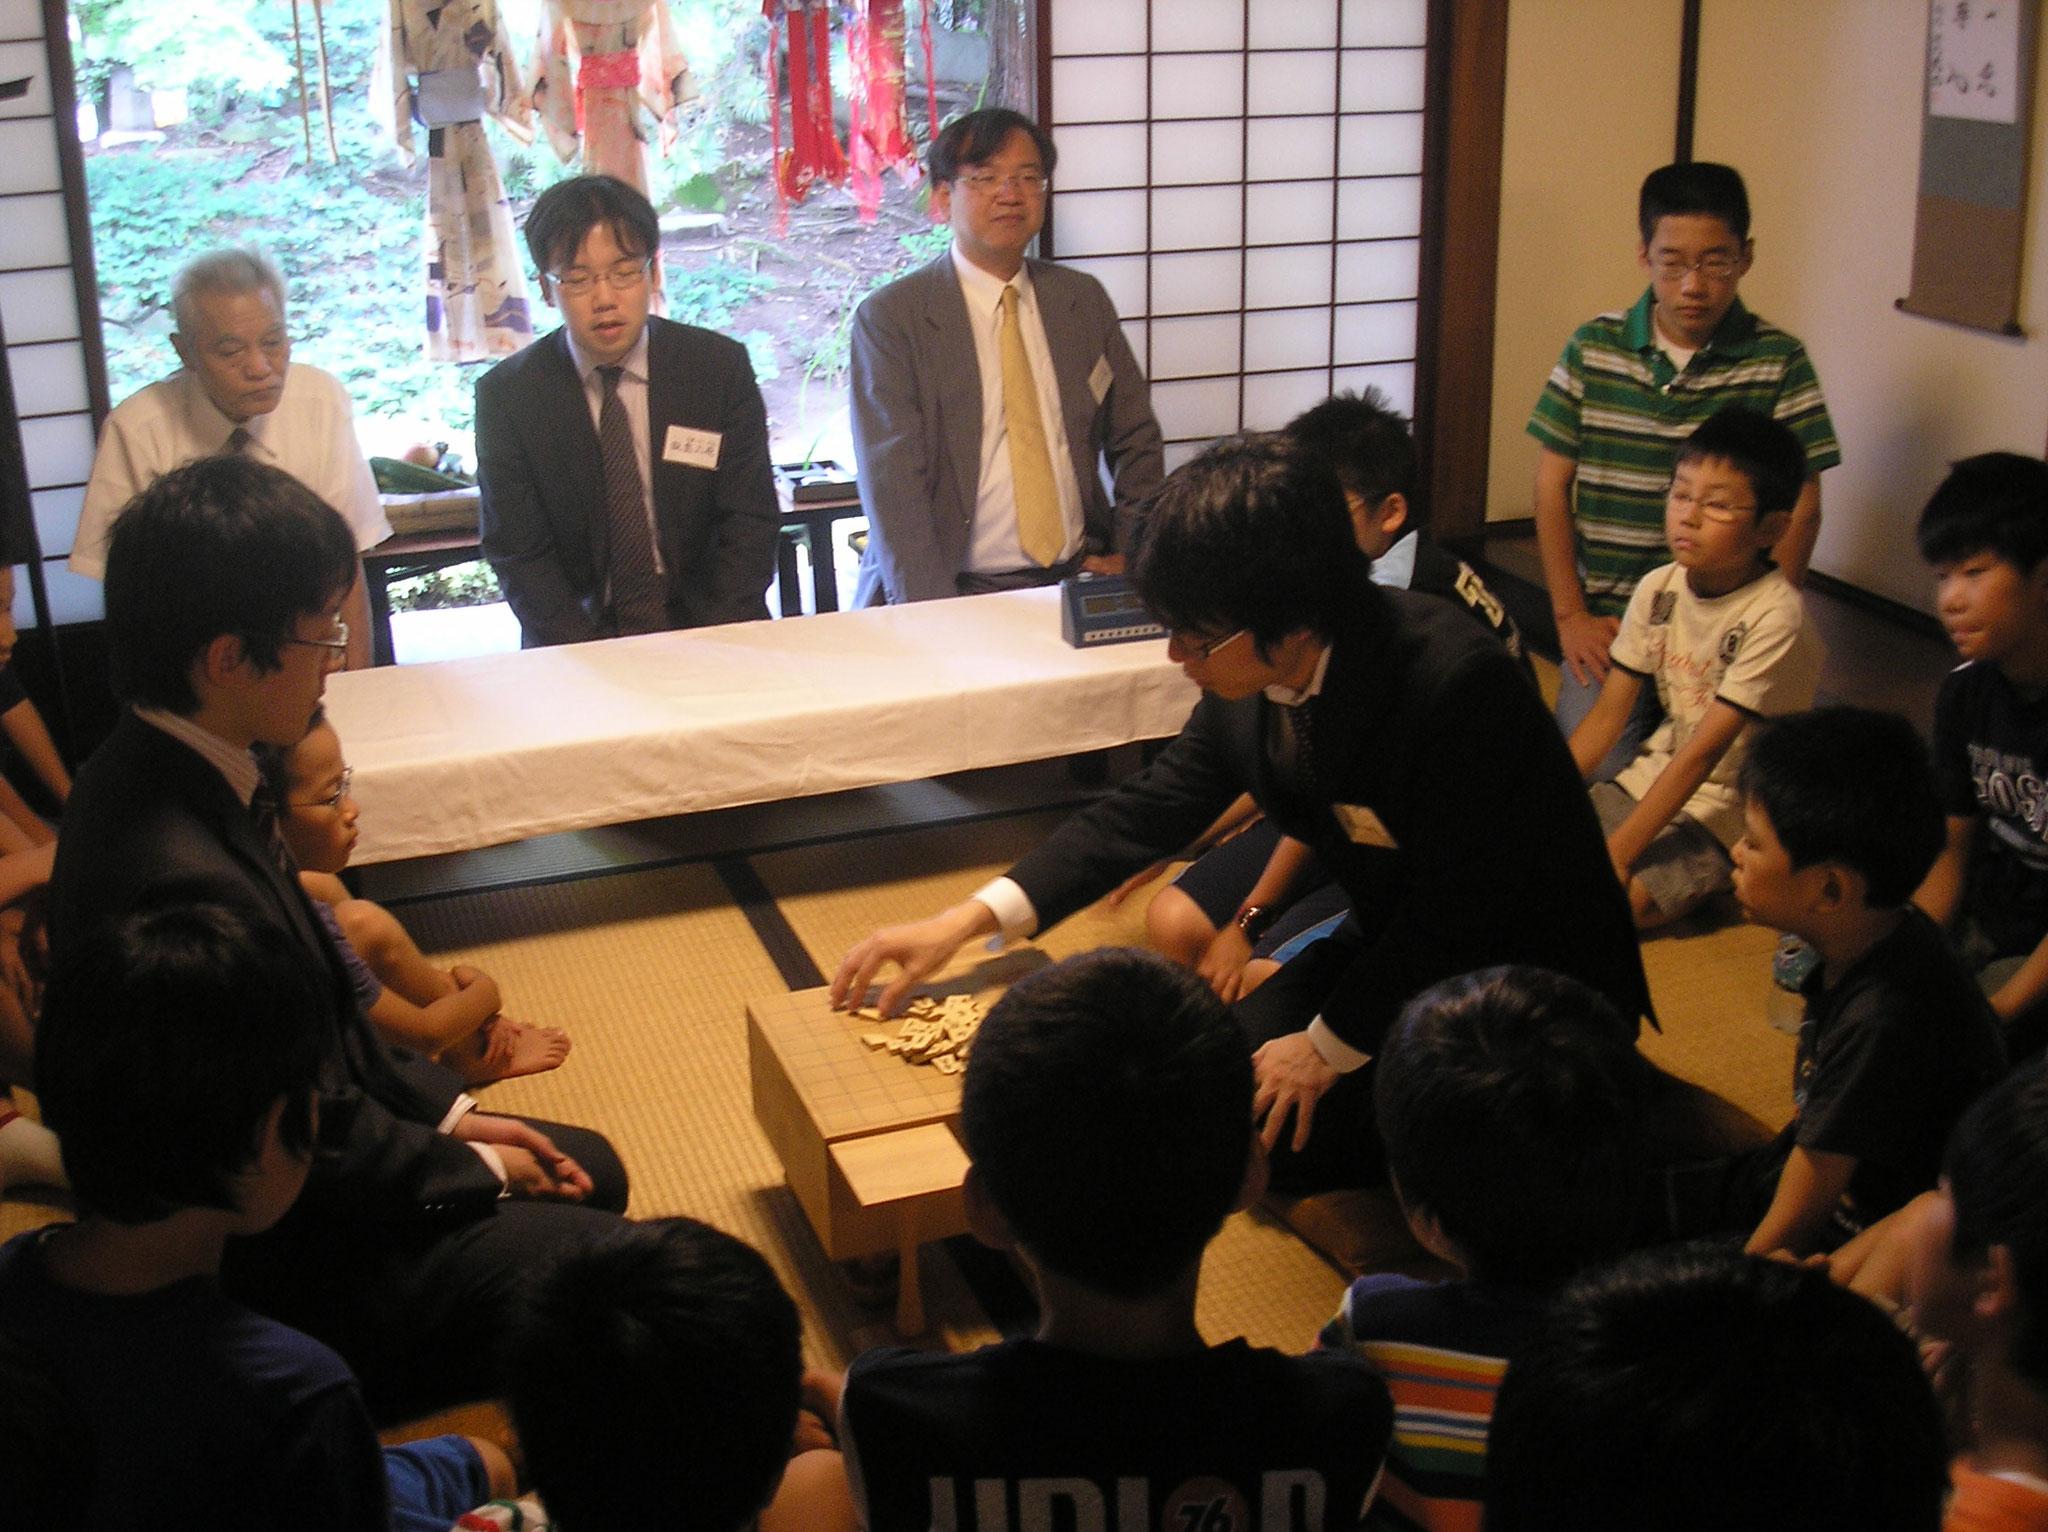 2009年7月 模範対局 田中悠一先生と